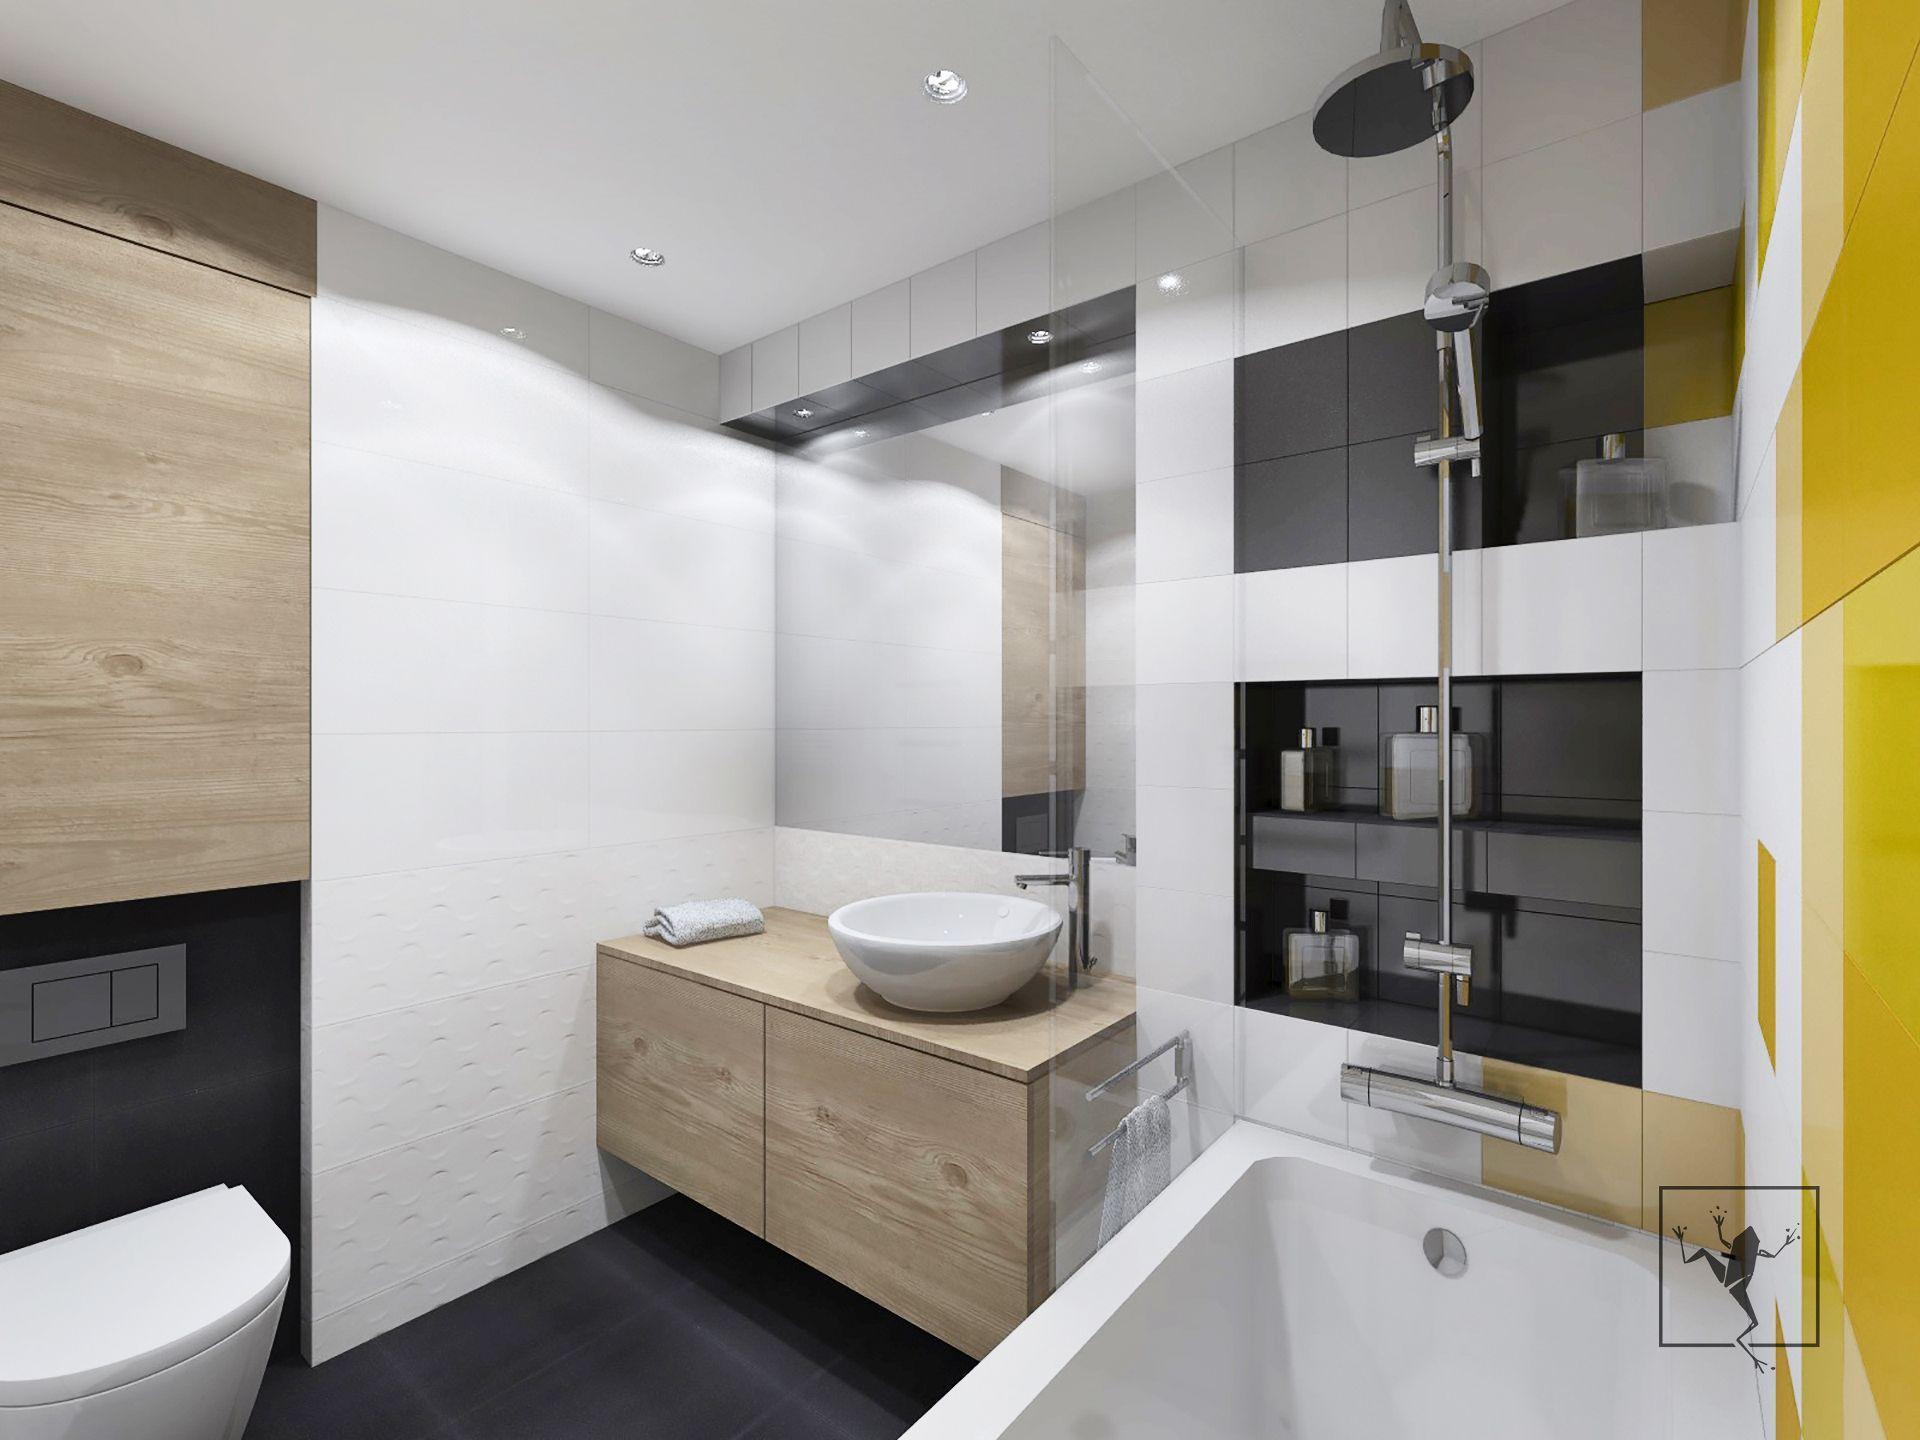 Projekt wn trza mieszkania kielce w43 frog studio kielce for Frog studio